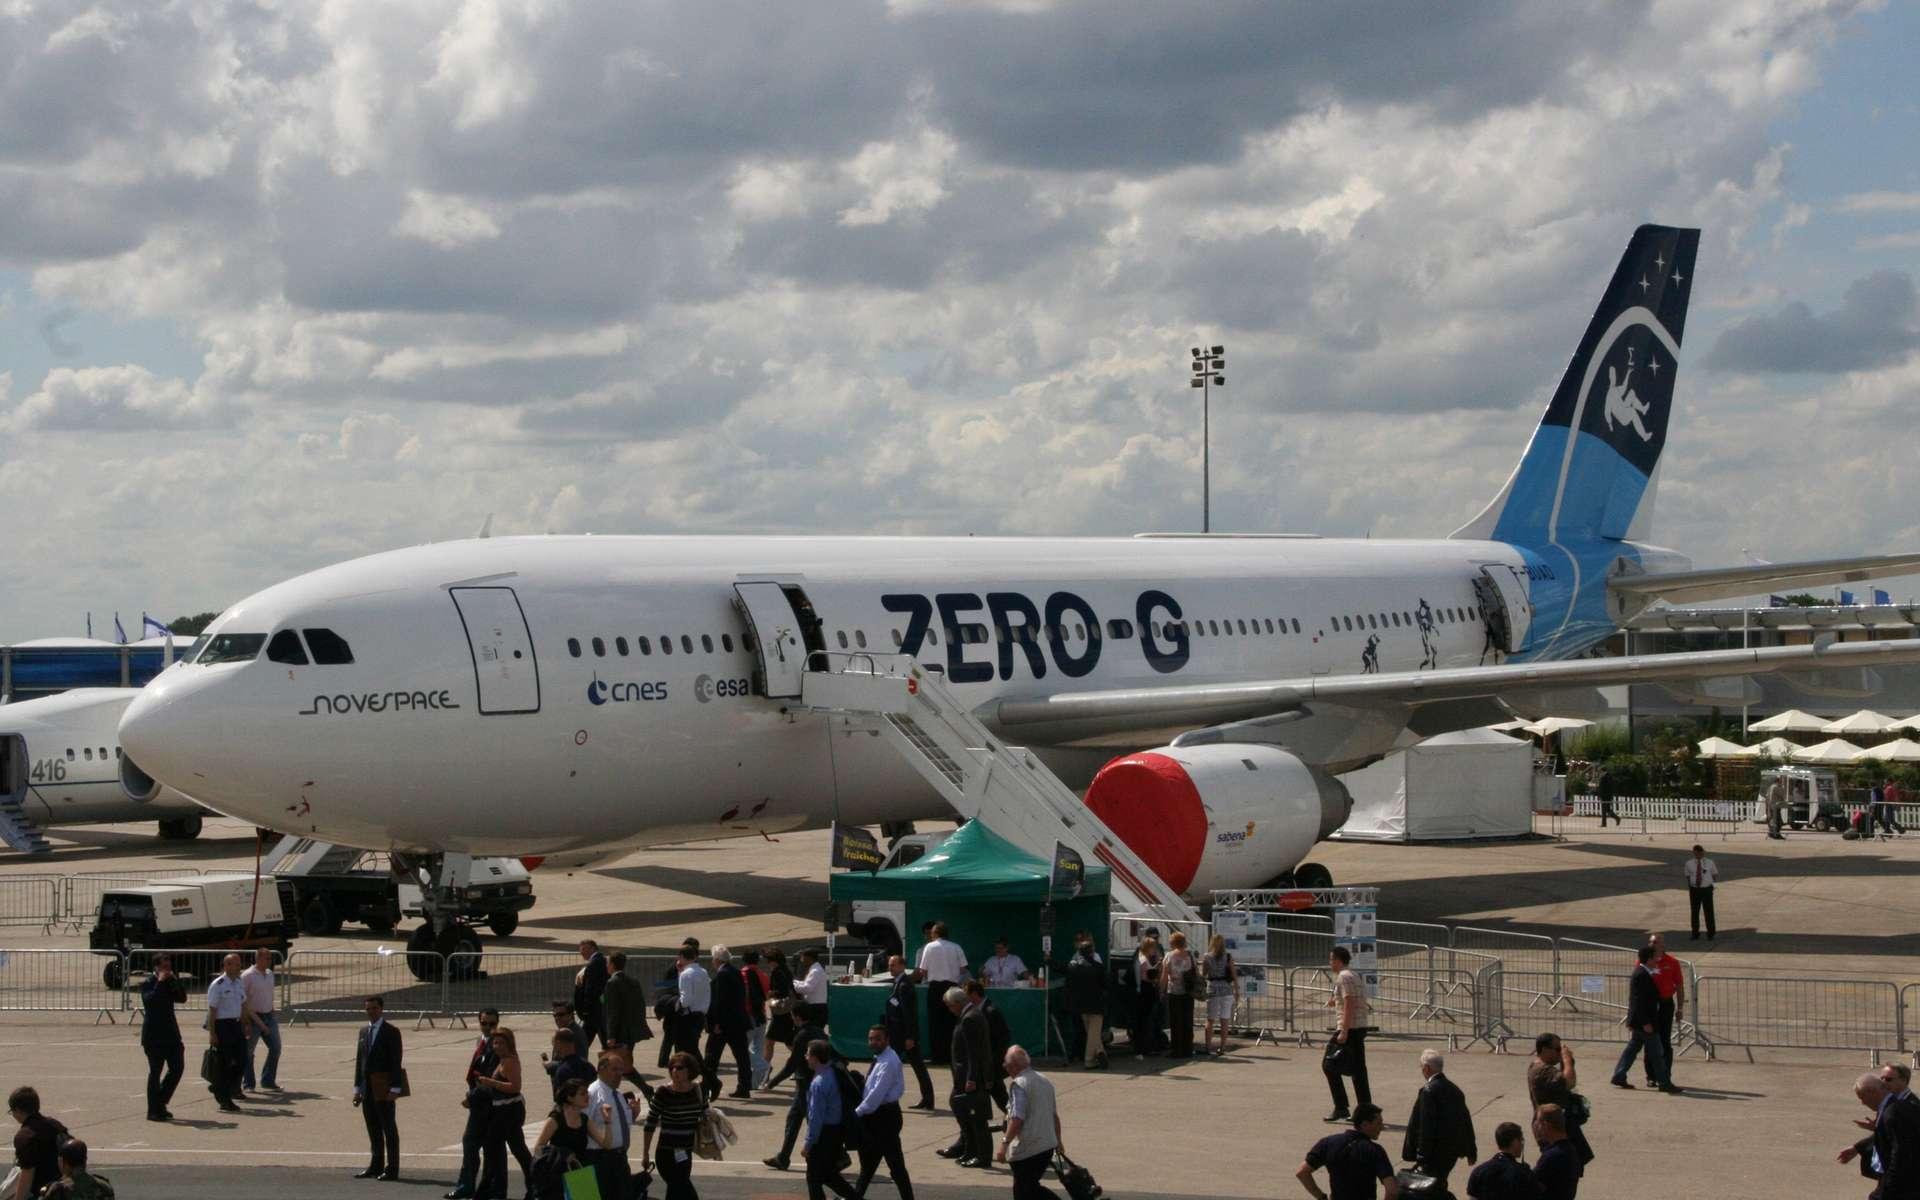 Après avoir utilisé une Caravelle, Novespace exploite depuis 1996 un Airbus A300, aujourd'hui le plus gros appareil zéro g du monde. Avec une surface d'expérimentation de 100 m2, correspondant à un volume de 300 m3, l'intérieur de l'A300 est bien plus grand que celui de la Caravelle ou même de ses concurrents américains (KC-135) et russes (Illiouchine-76). Il sera une nouvelle fois présenté au grand public, lors du Salon du Bourget du 20 au 26 juin. © Rémy Decourt